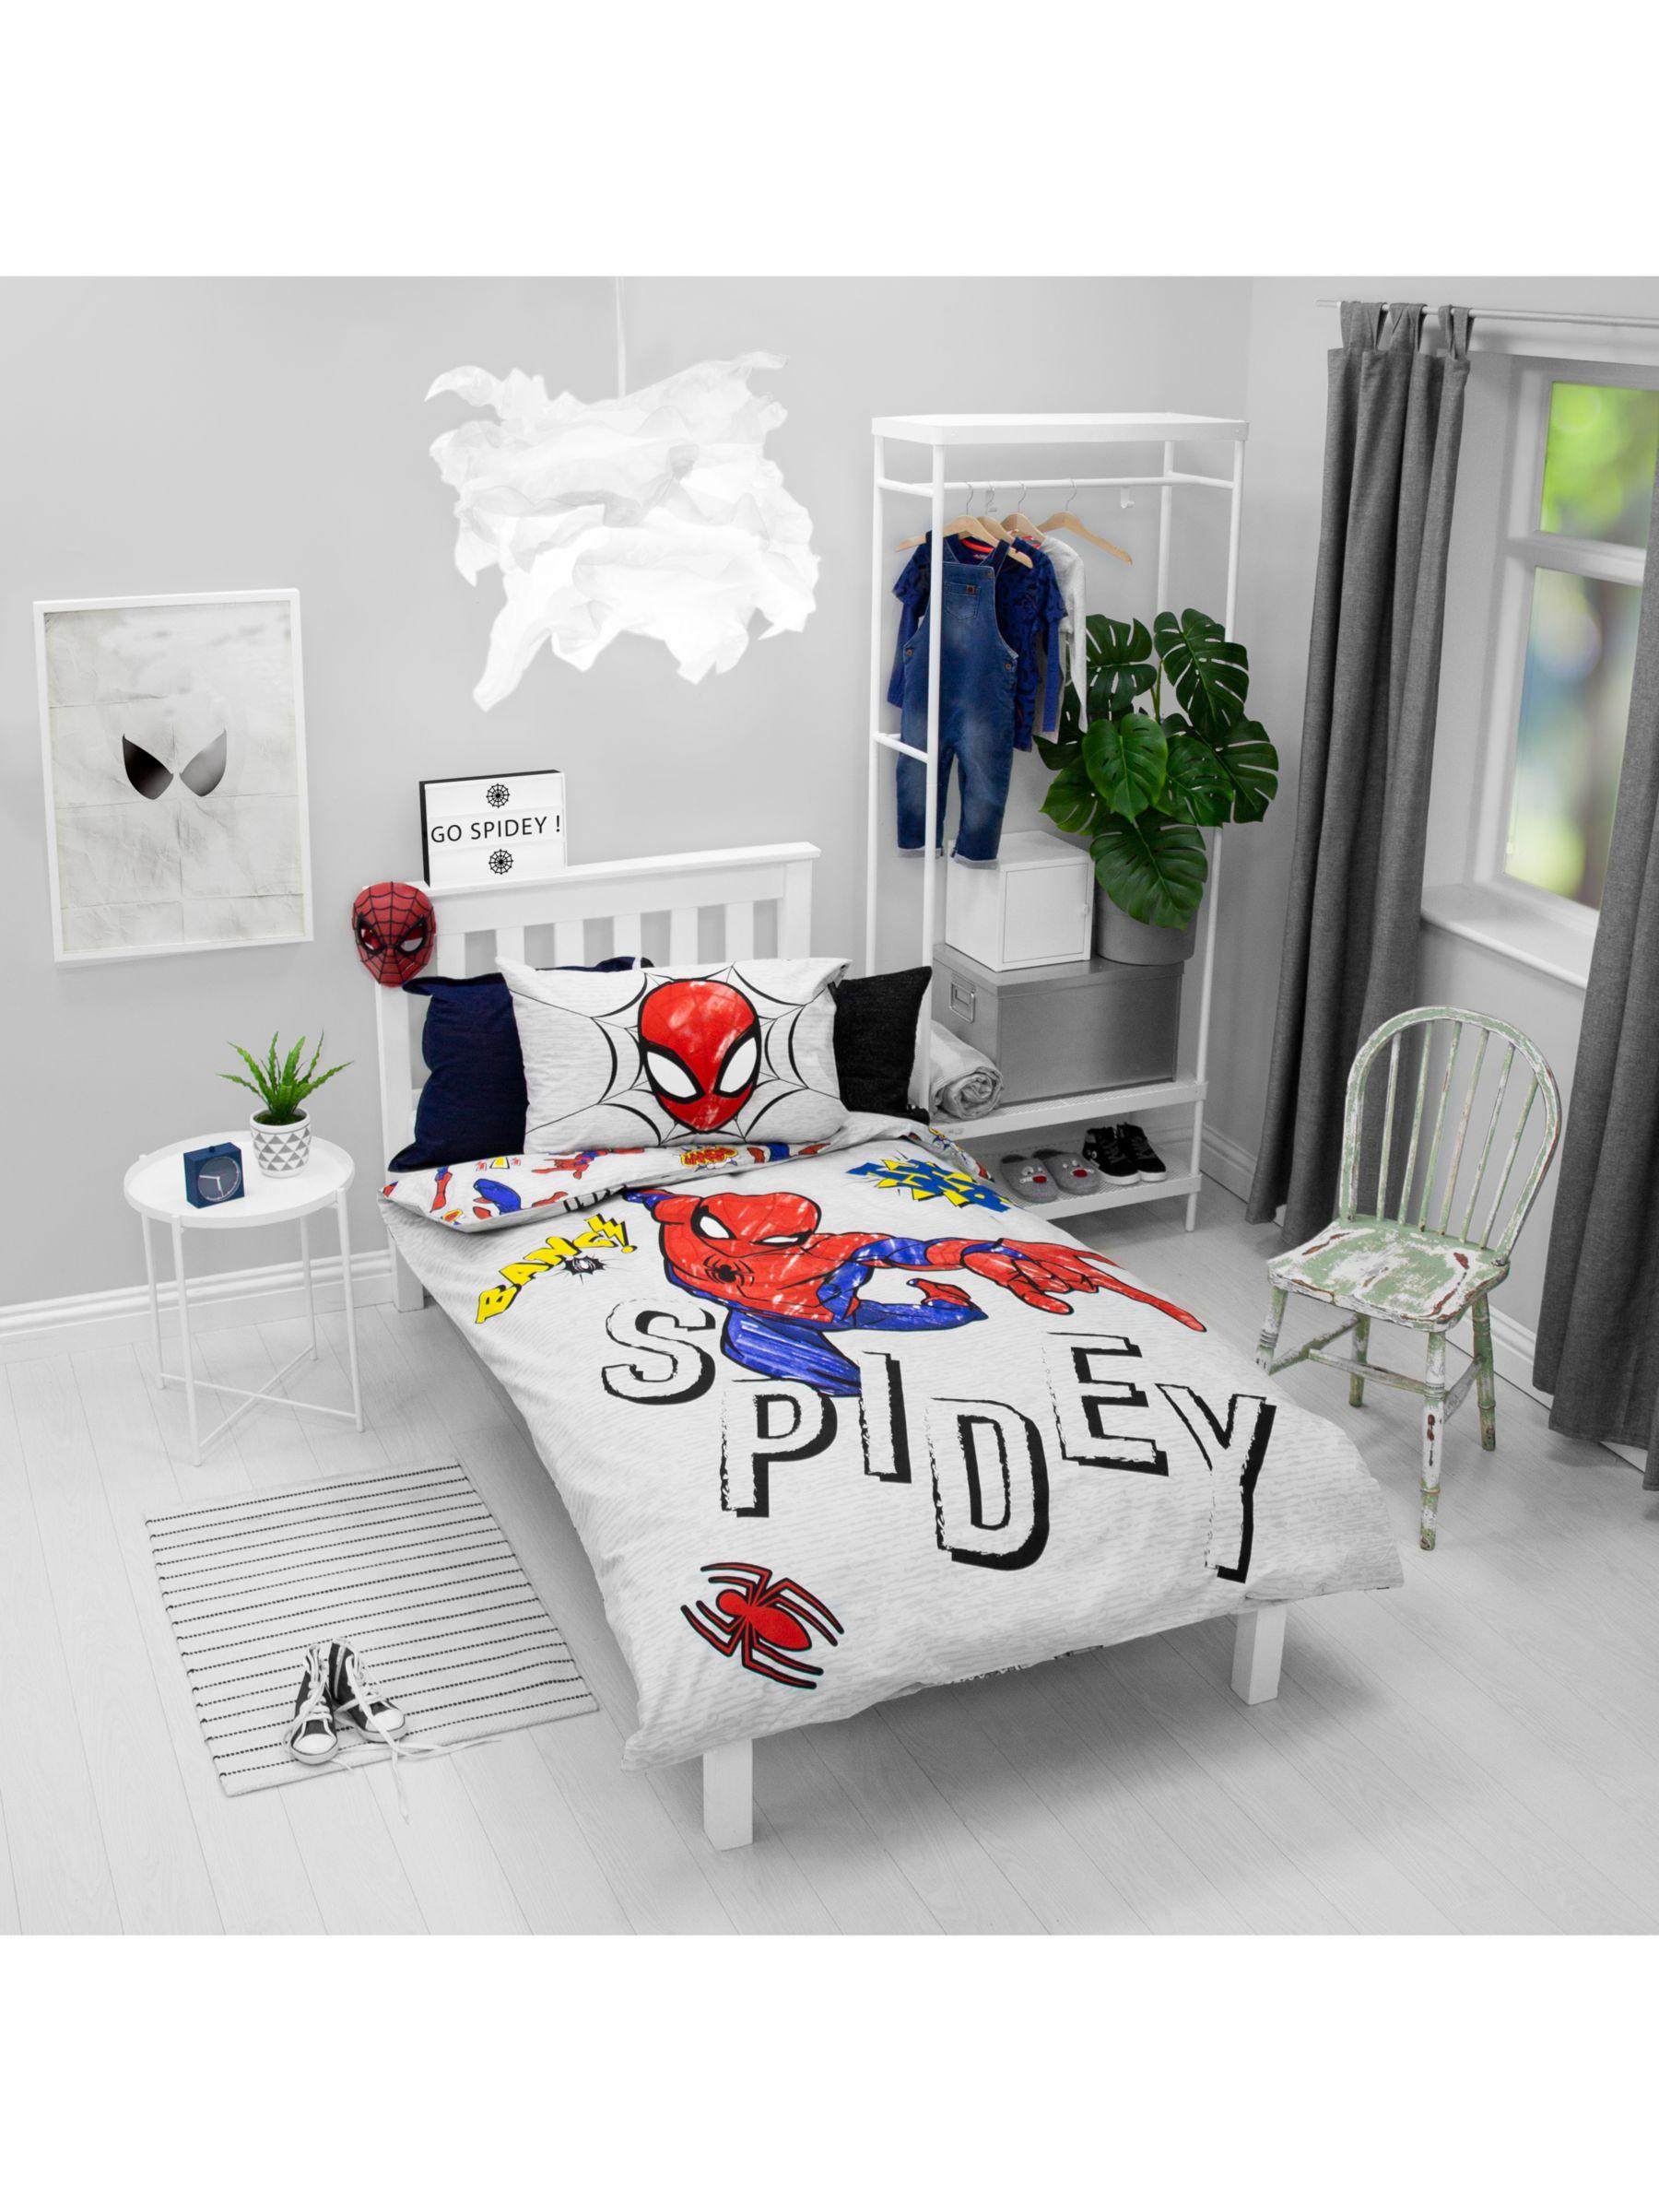 Marvel Marvel Spiderman Reversible Duvet Cover and Pillowcase Set, Single, Multi